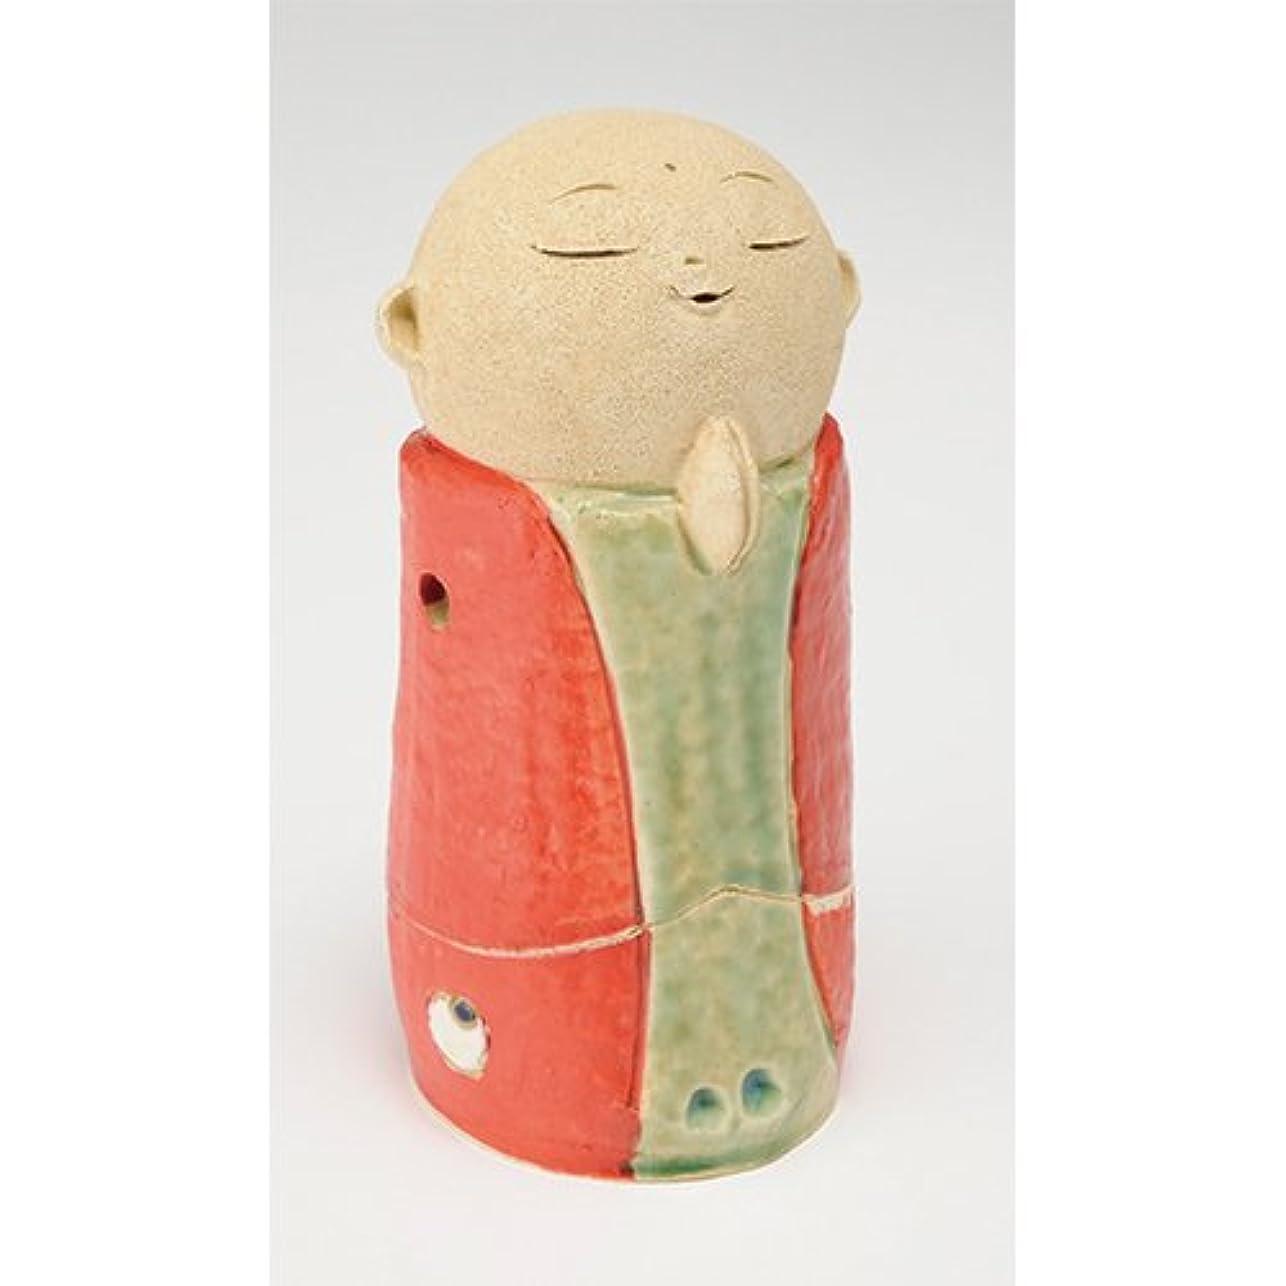 足首リラックスサイレントお地蔵様 香炉シリーズ 赤 お地蔵様 香炉 5.3寸(大) [H16cm] HANDMADE プレゼント ギフト 和食器 かわいい インテリア